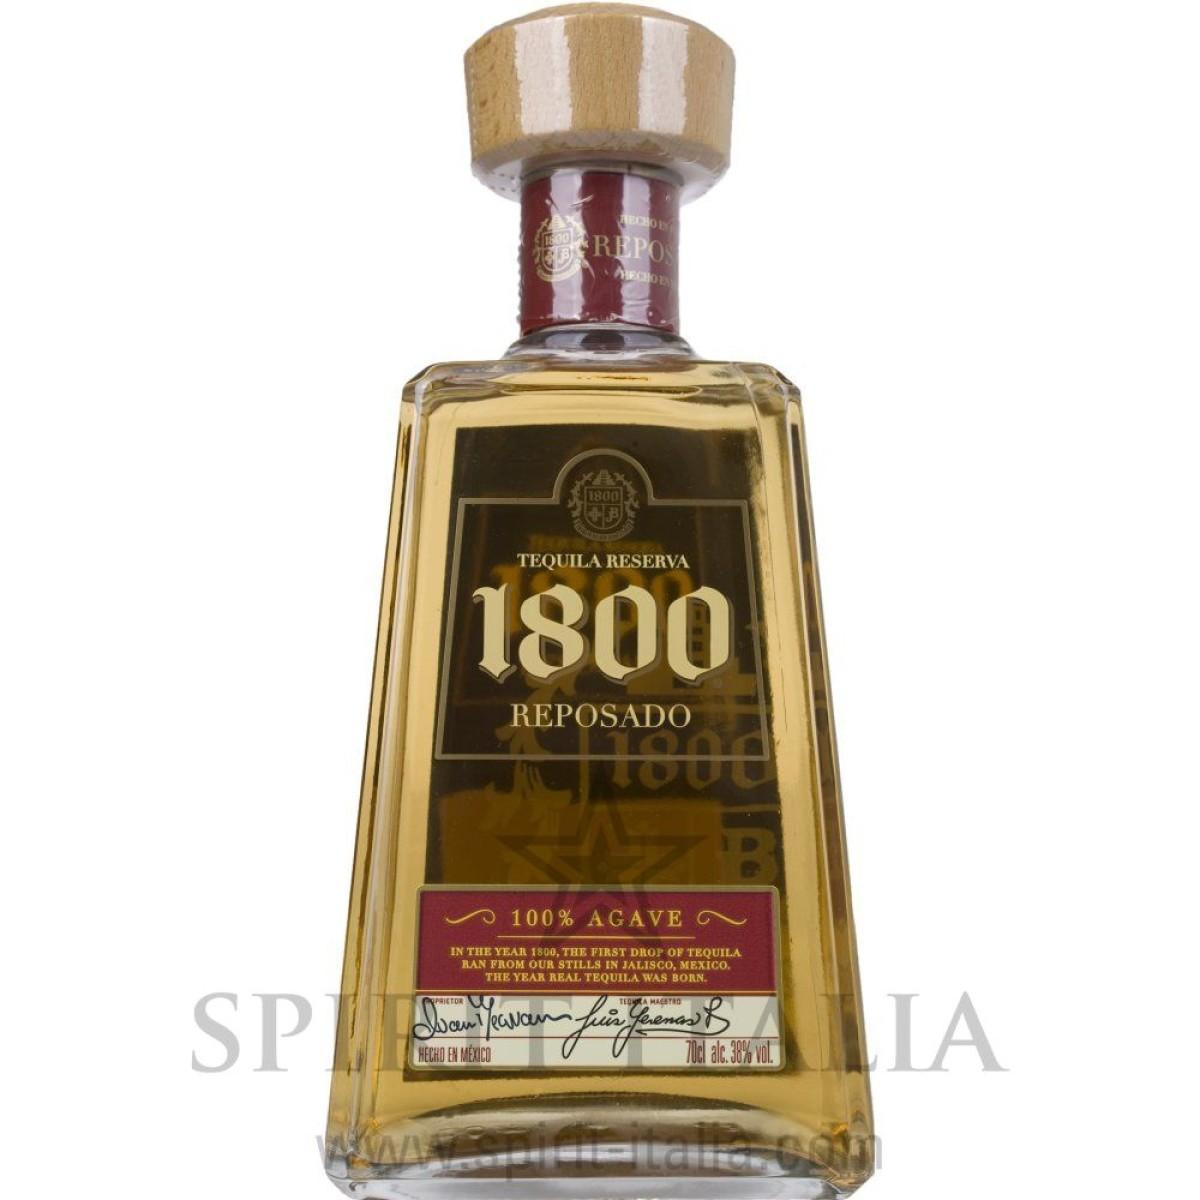 1800 Tequila José Cuervo Reposado 100% Agave